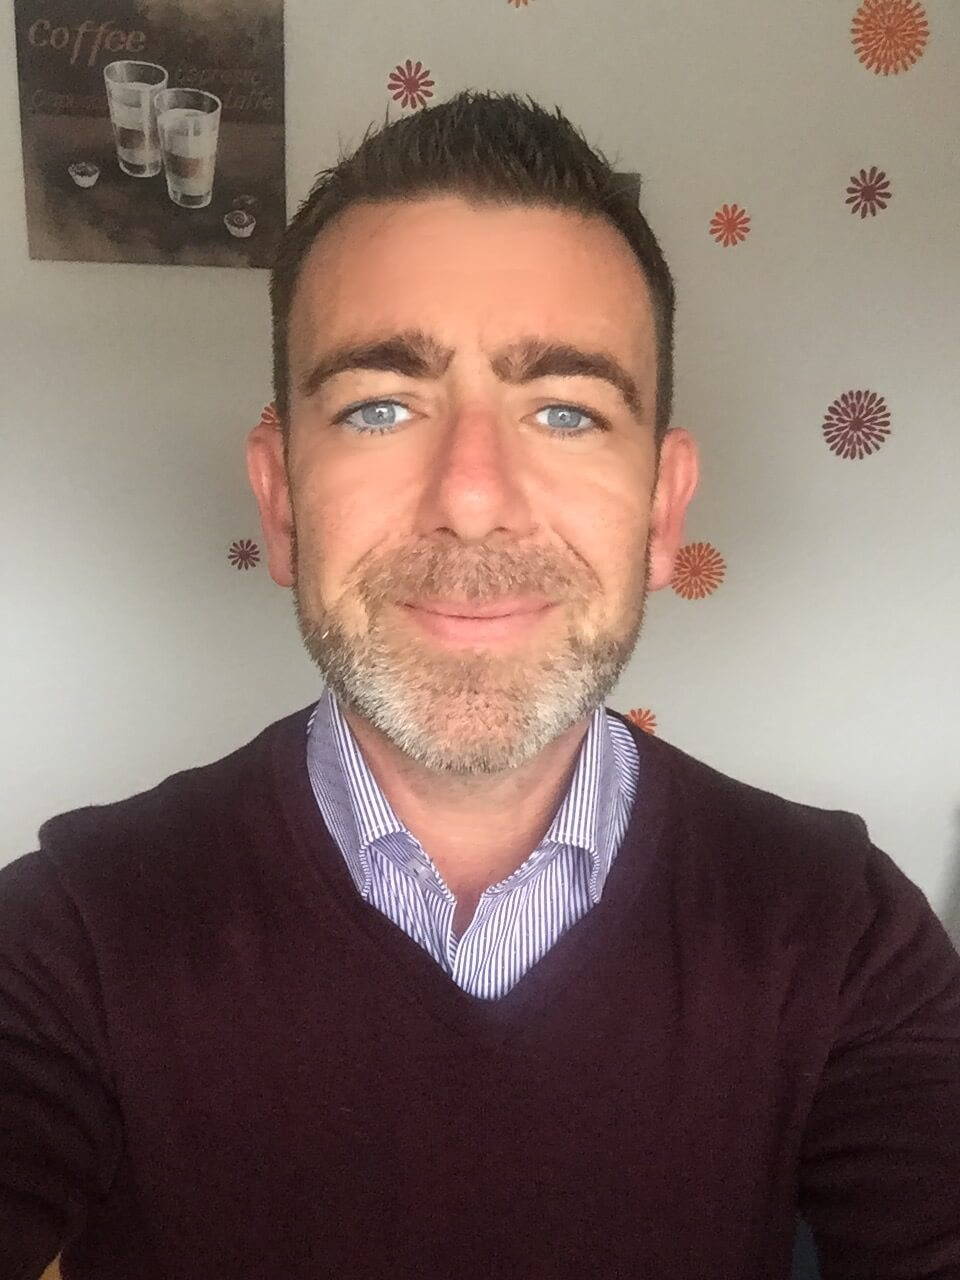 Mann mit Bart und blauen Augen.